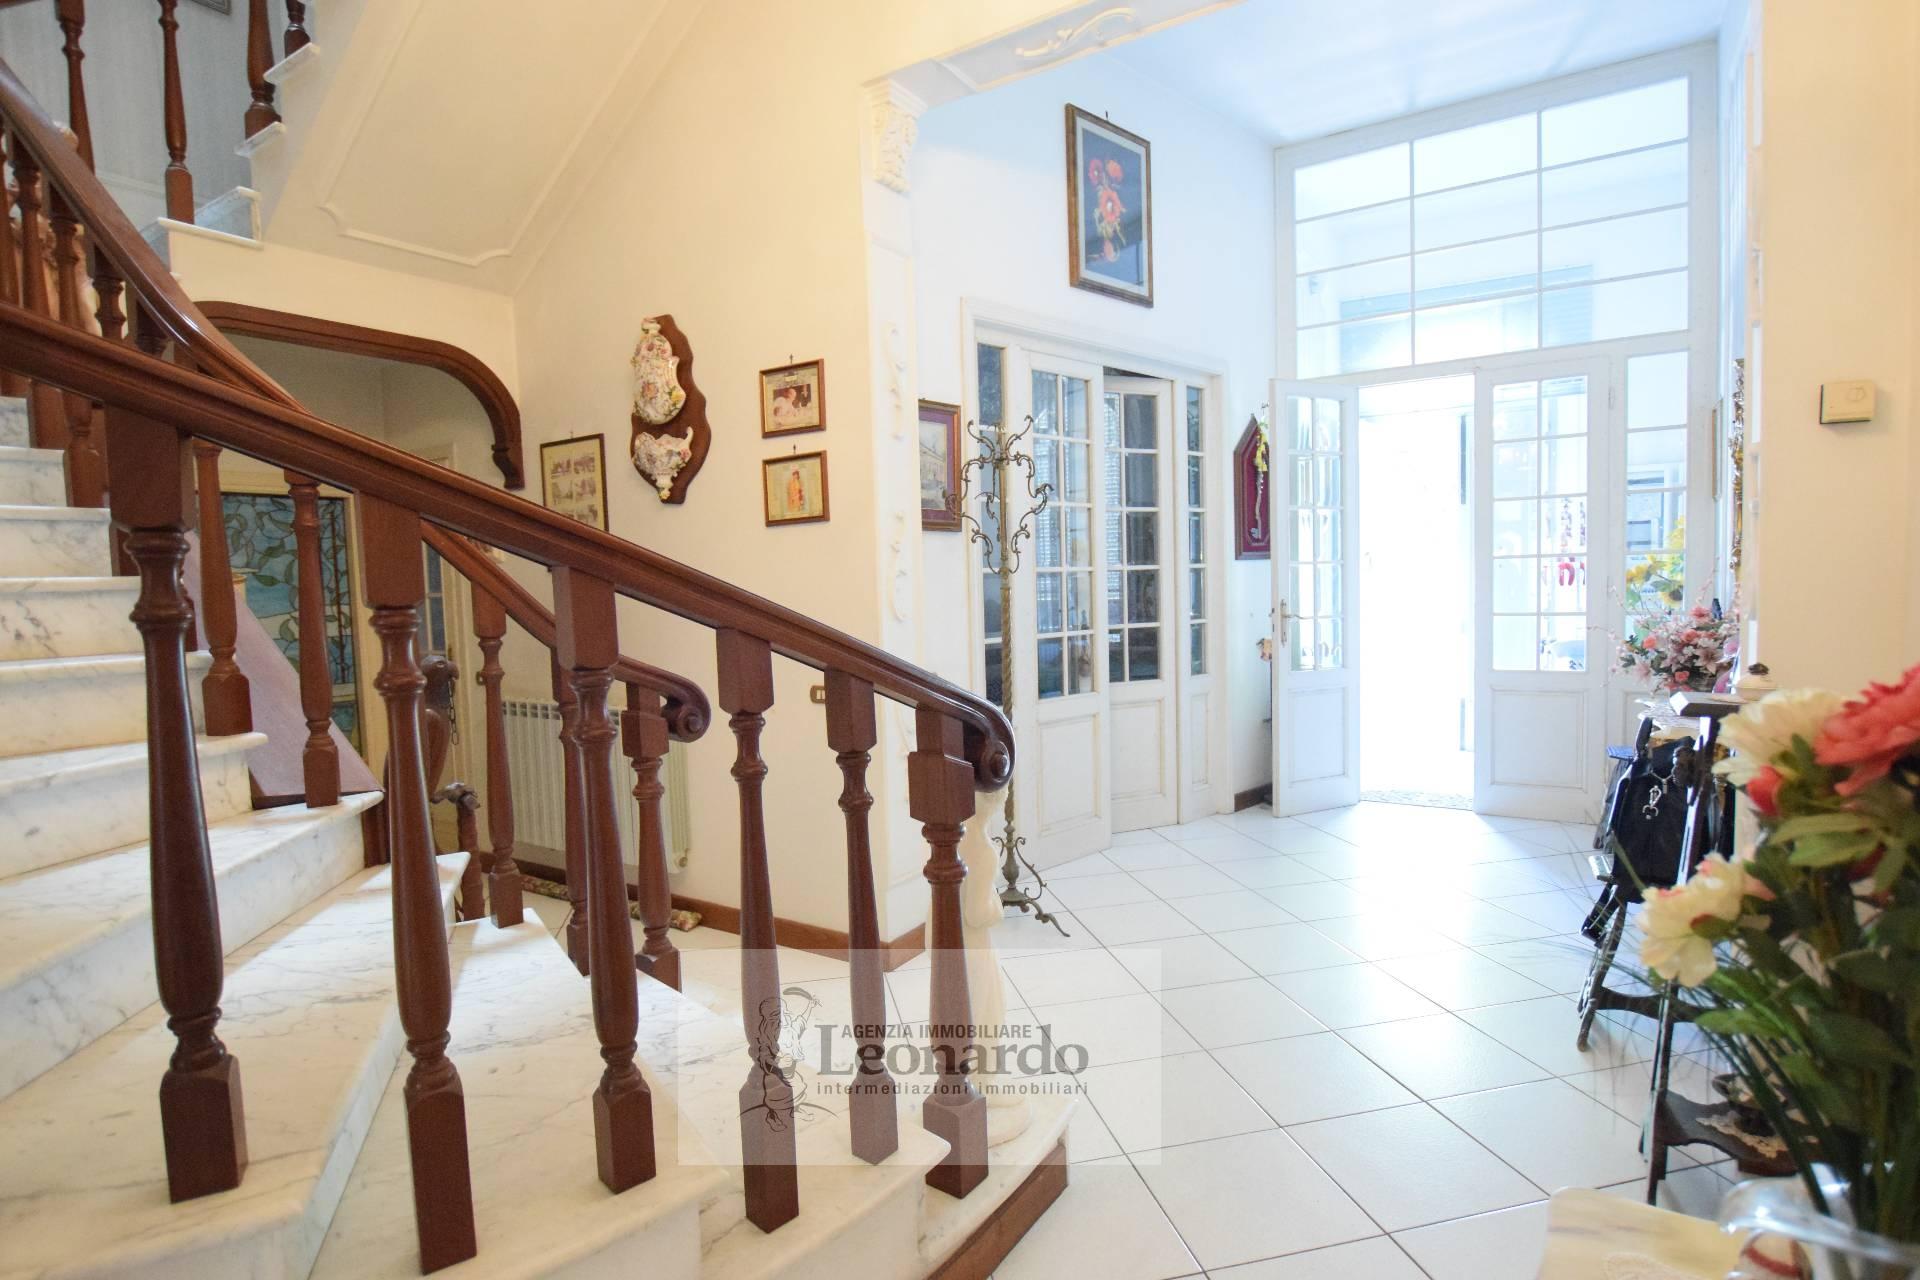 Villa in vendita a Viareggio, 10 locali, zona Località: Lungomare, prezzo € 1.200.000 | CambioCasa.it